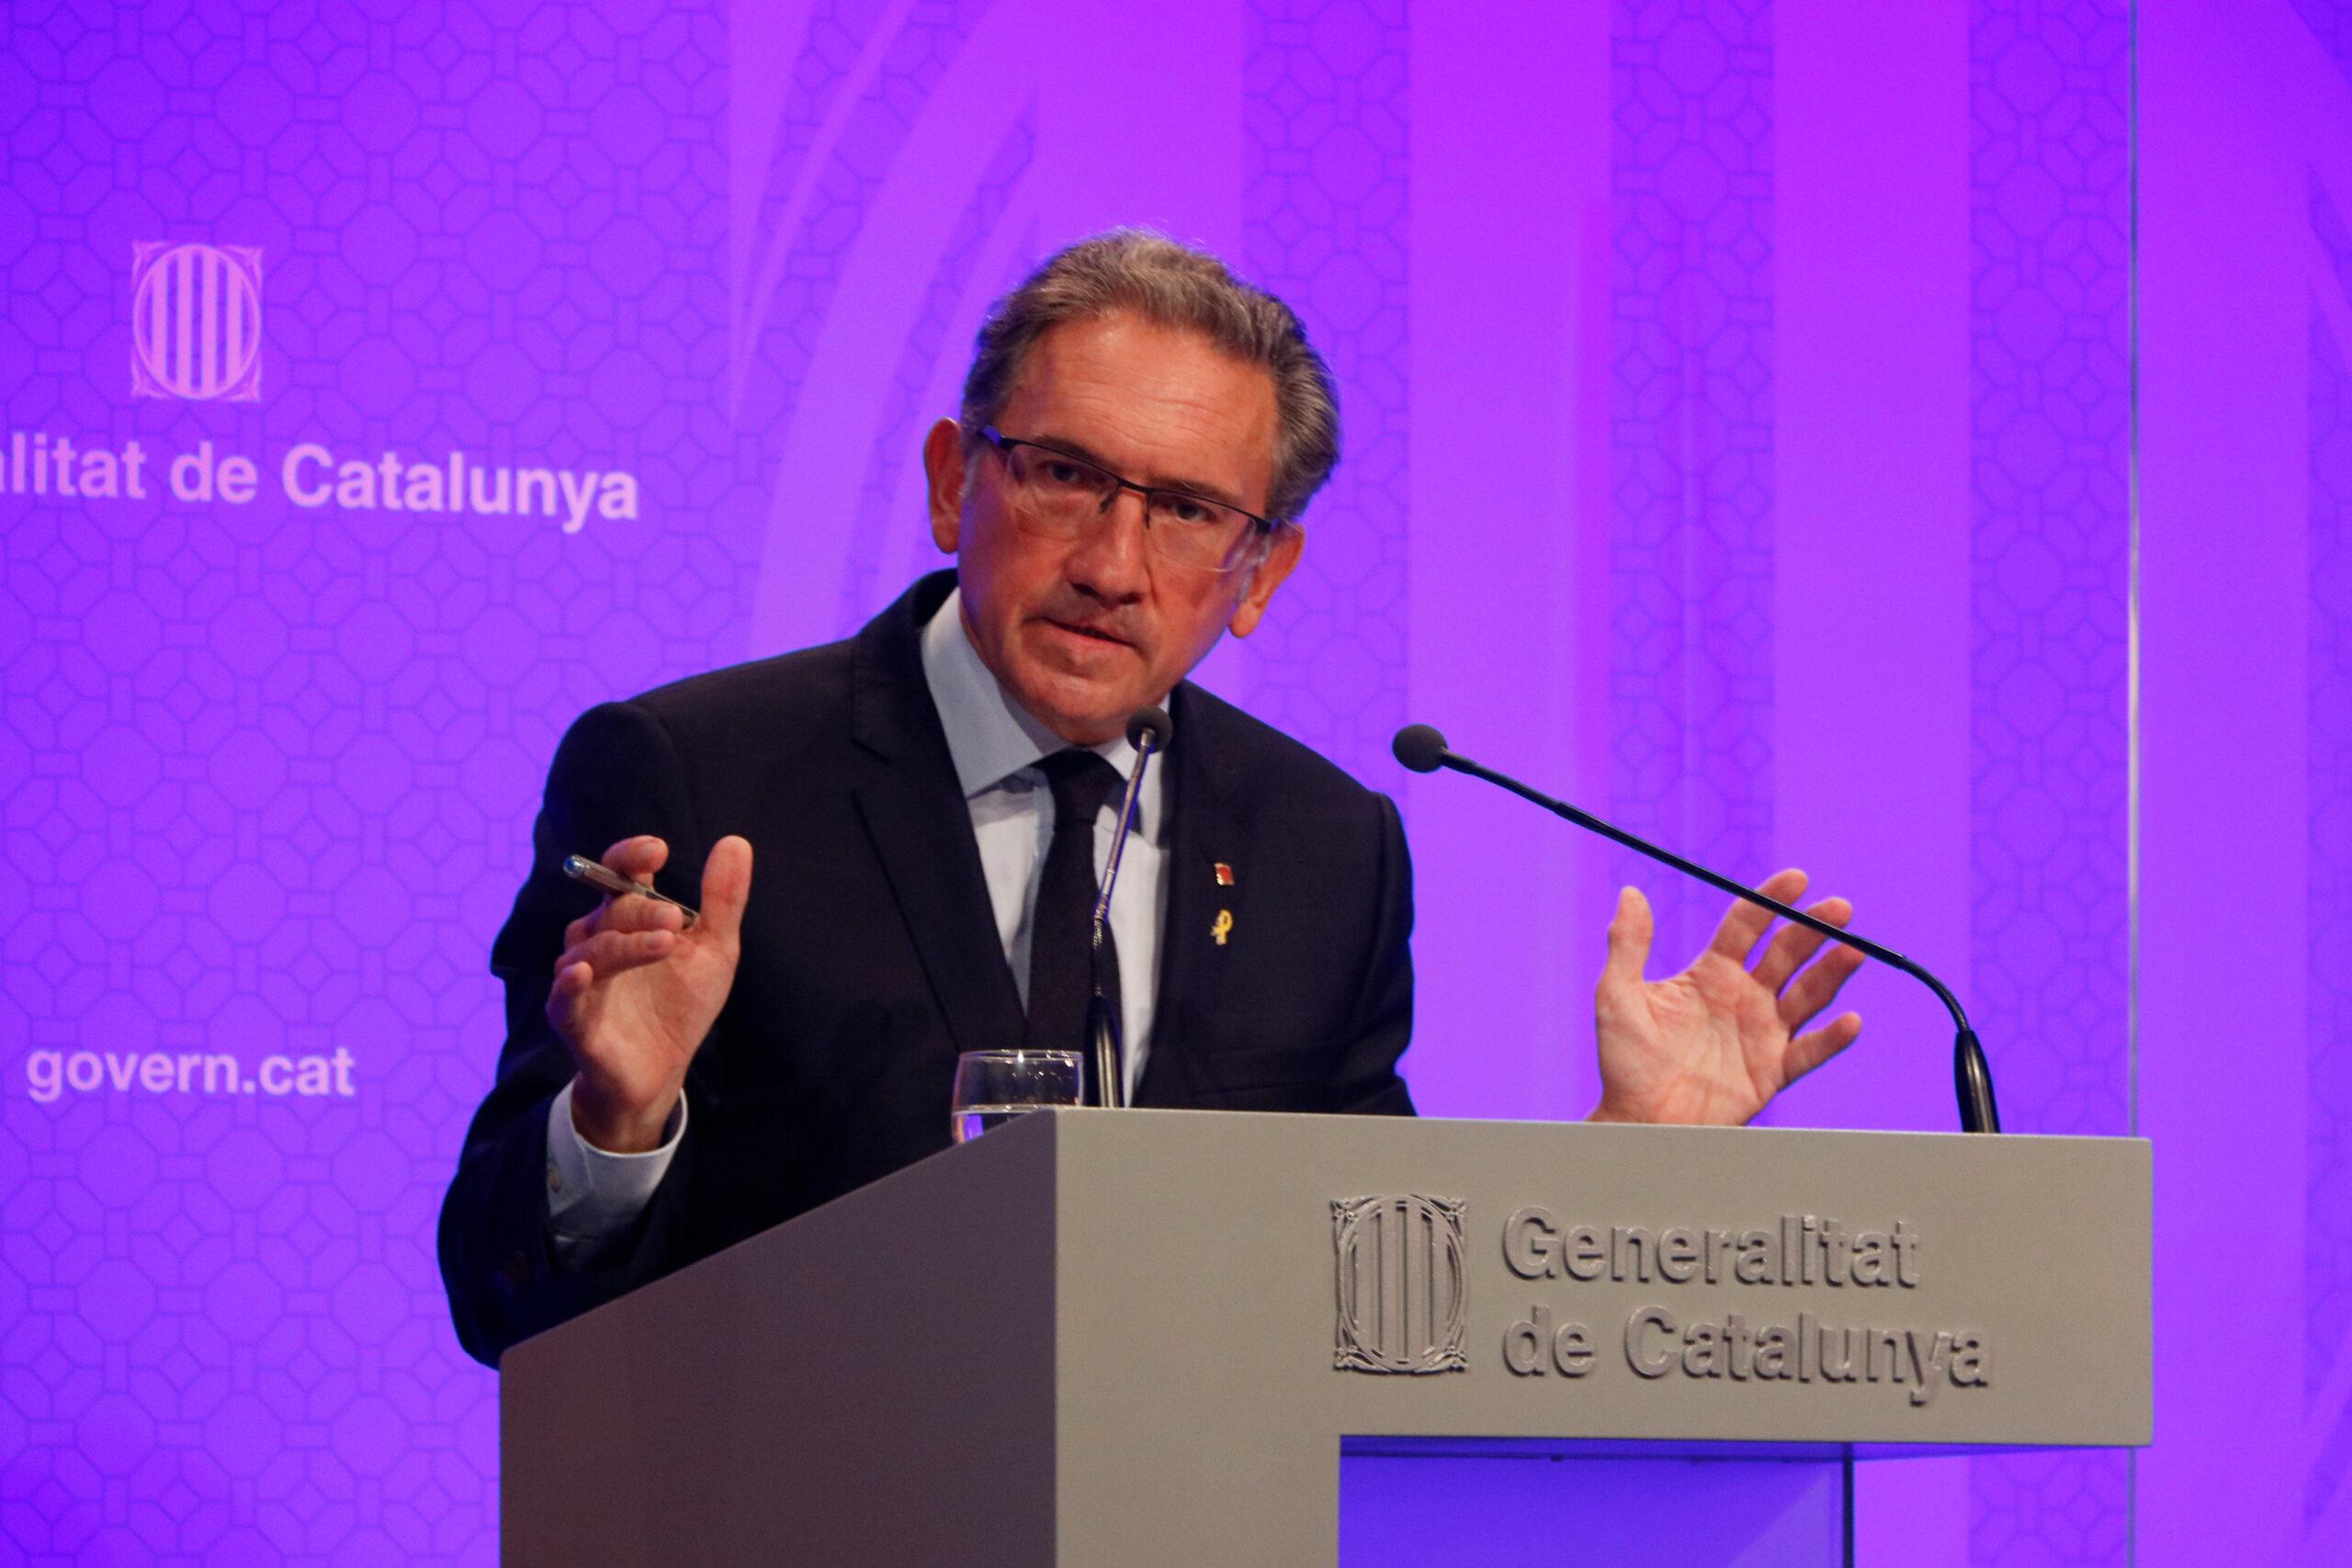 El conseller d'Economia i Hisenda, Jaume Giró, en roda de premsa posterior al Consell Executiu / ACN